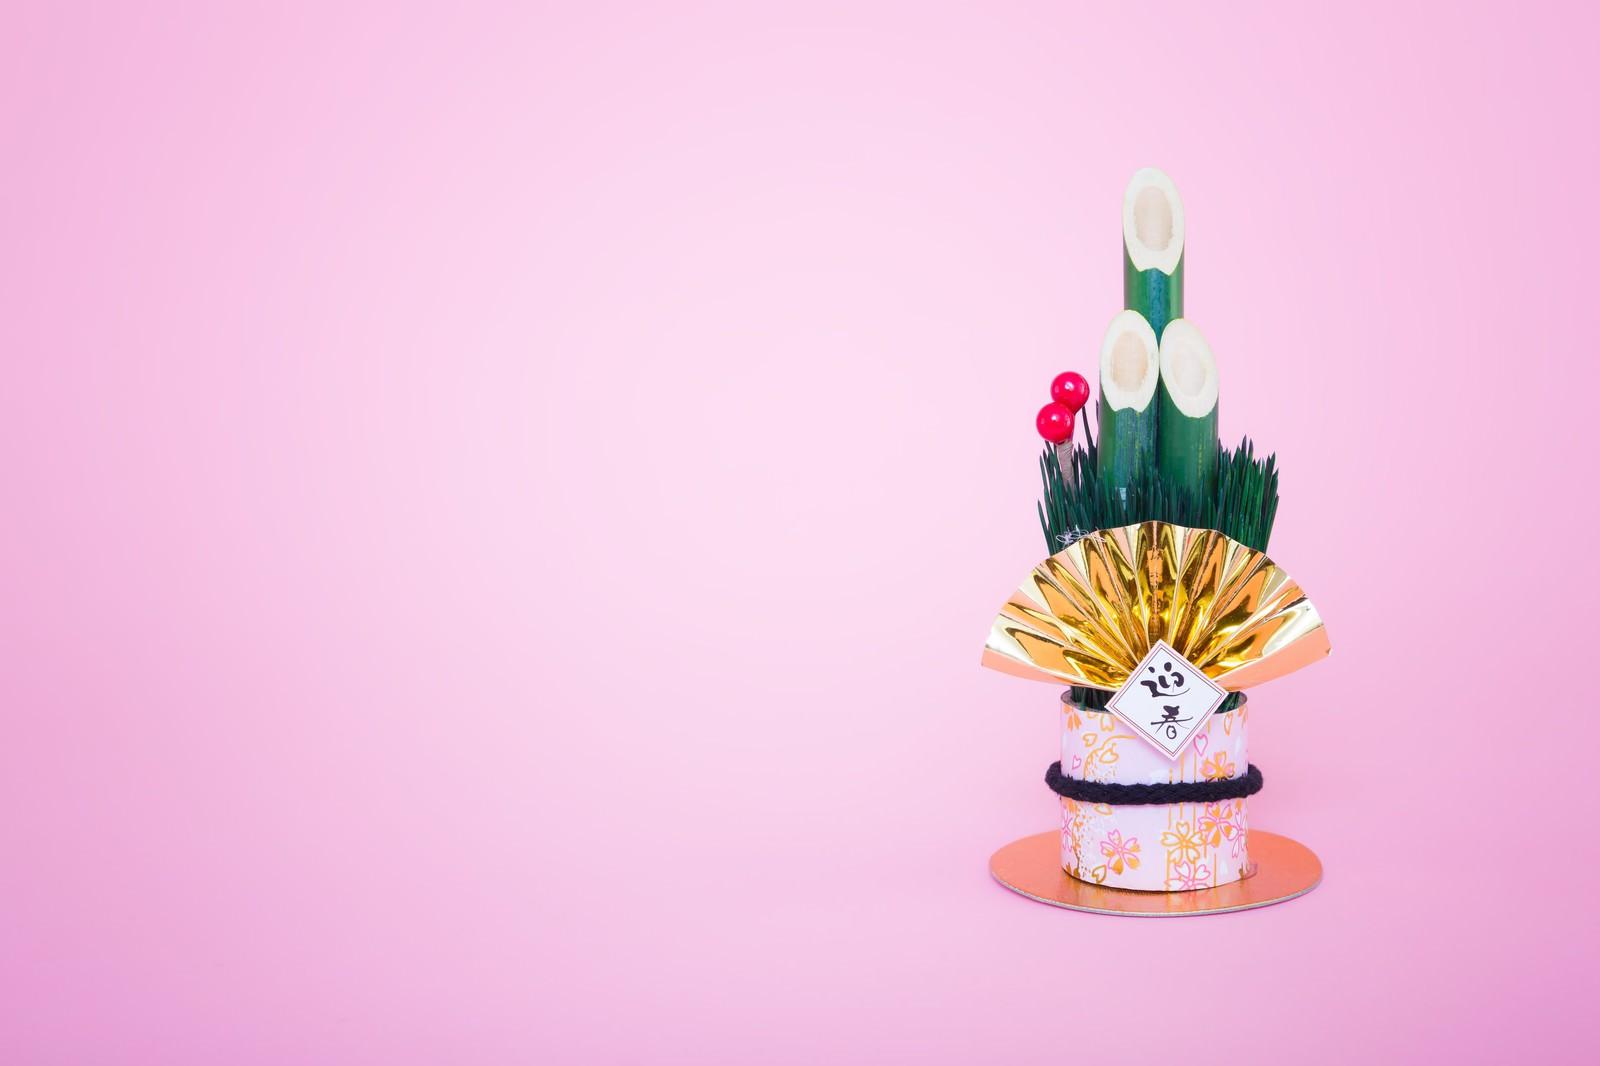 「年賀状用|迎春と書かれた門松の飾り年賀状用|迎春と書かれた門松の飾り」のフリー写真素材を拡大